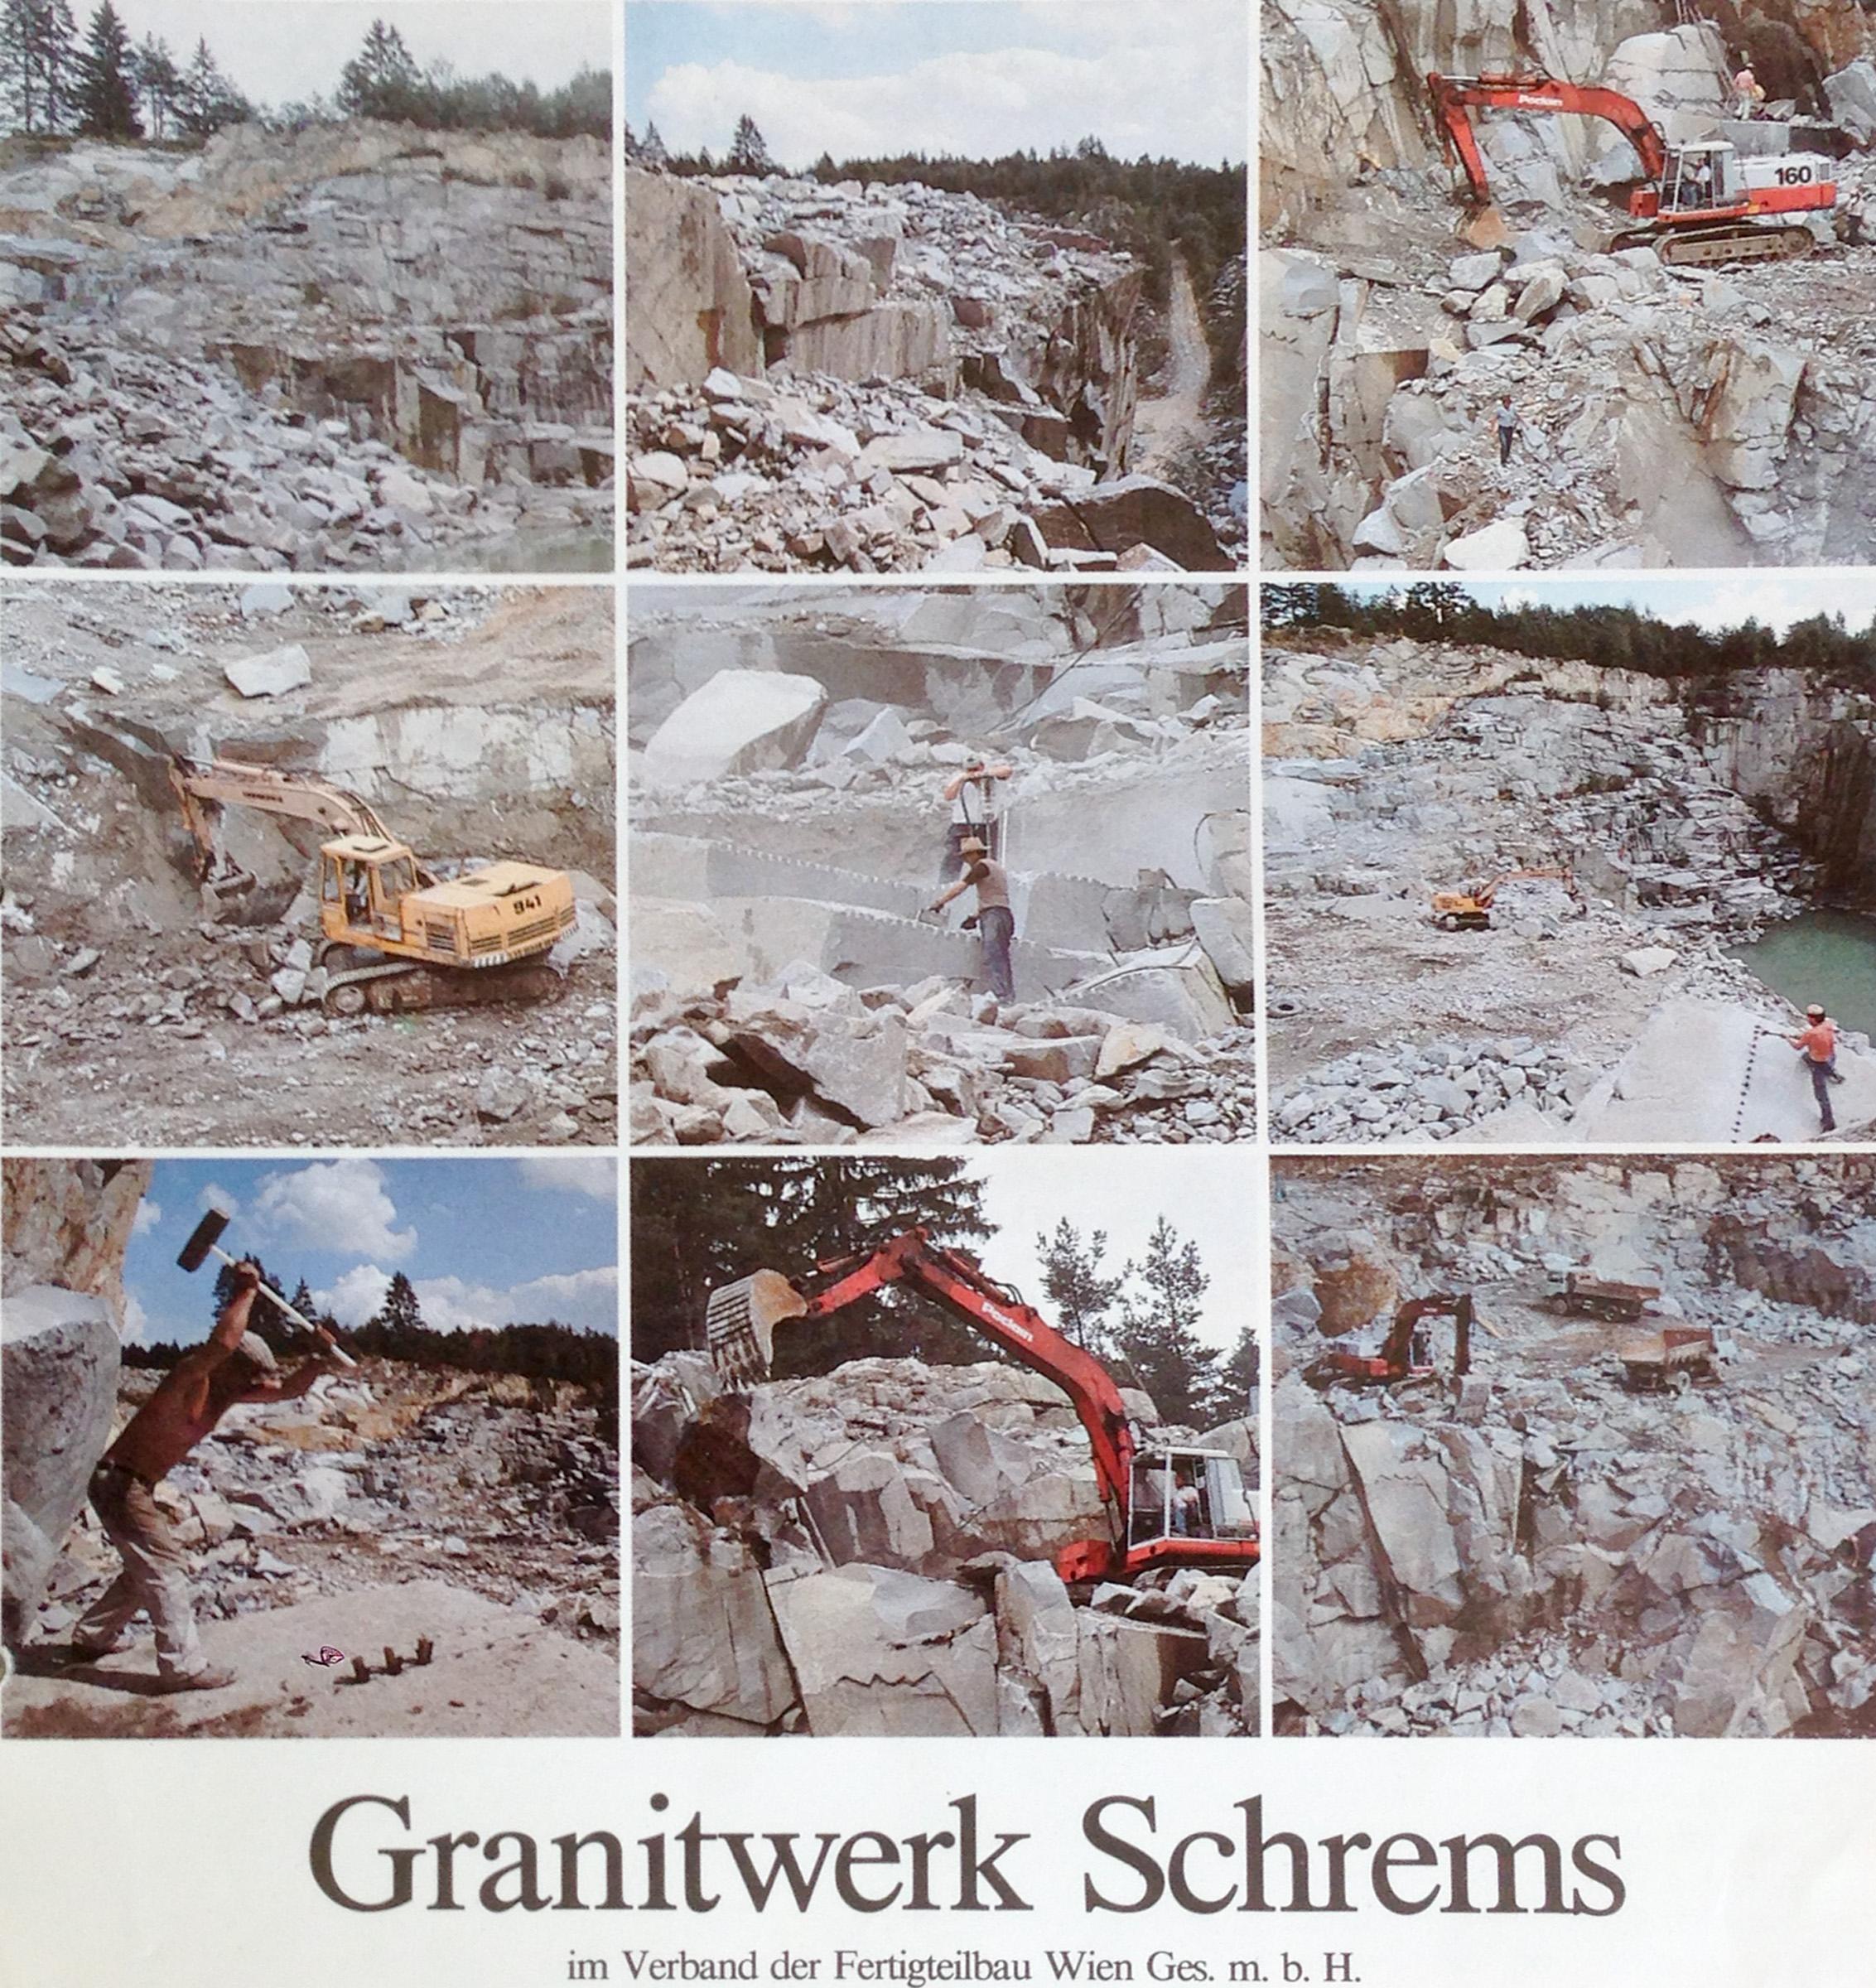 Granitwerk Schrems 02.jpg